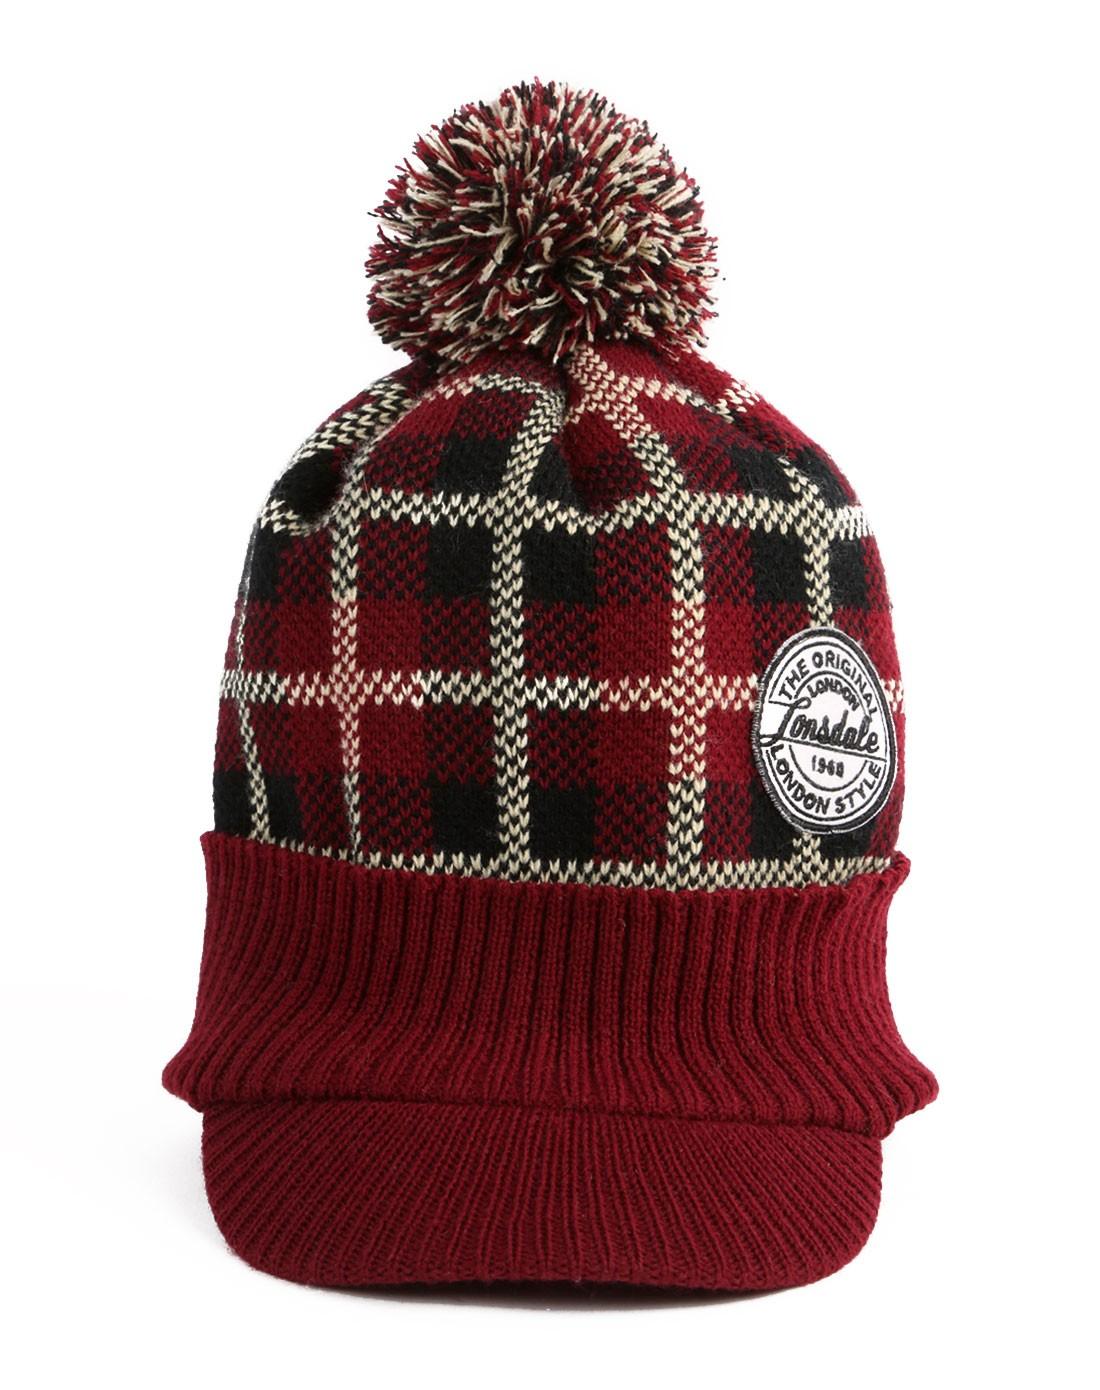 龙狮戴尔 中性红色毛线帽子